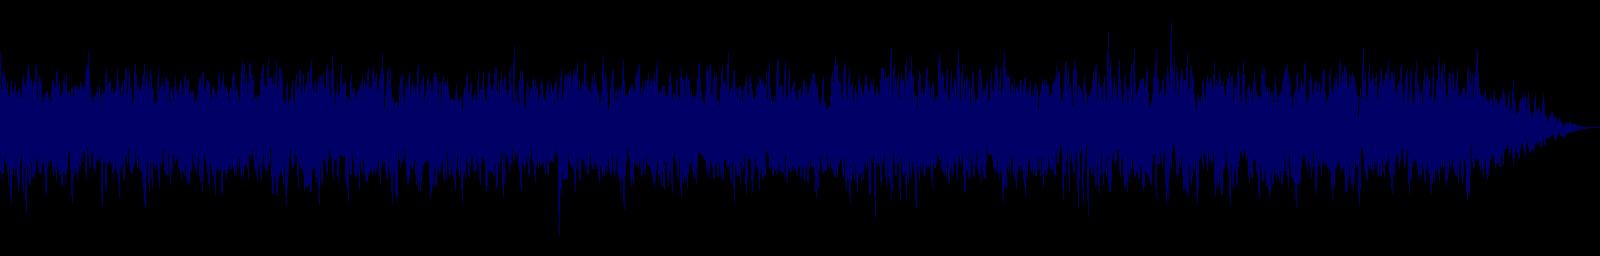 waveform of track #132460